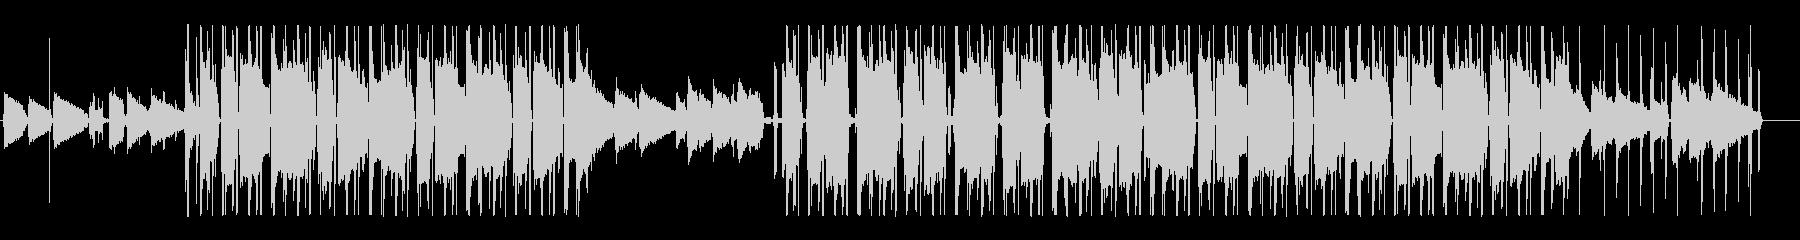 [カフェ]オシャレJazzyHipHopの未再生の波形